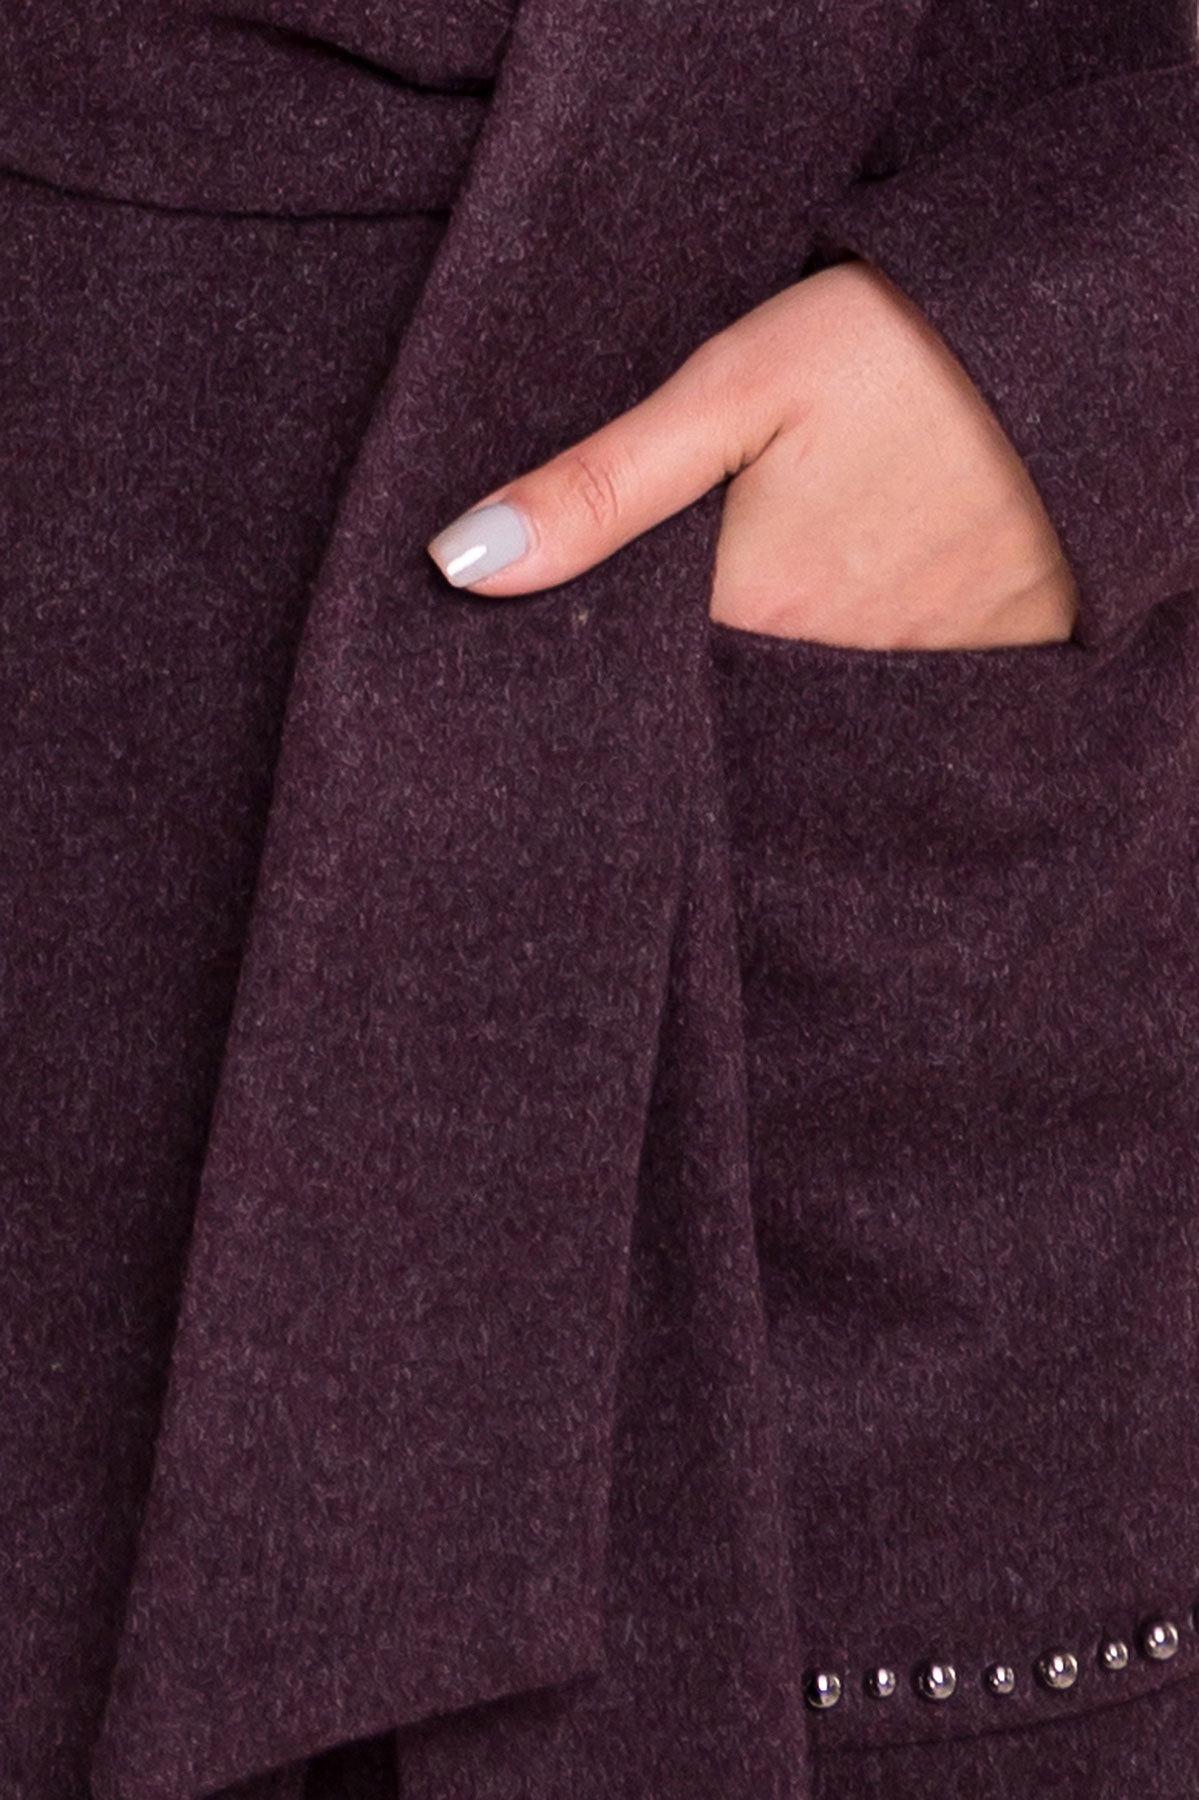 Пальто Кейси 5504 АРТ. 37028 Цвет: Марсала - фото 6, интернет магазин tm-modus.ru